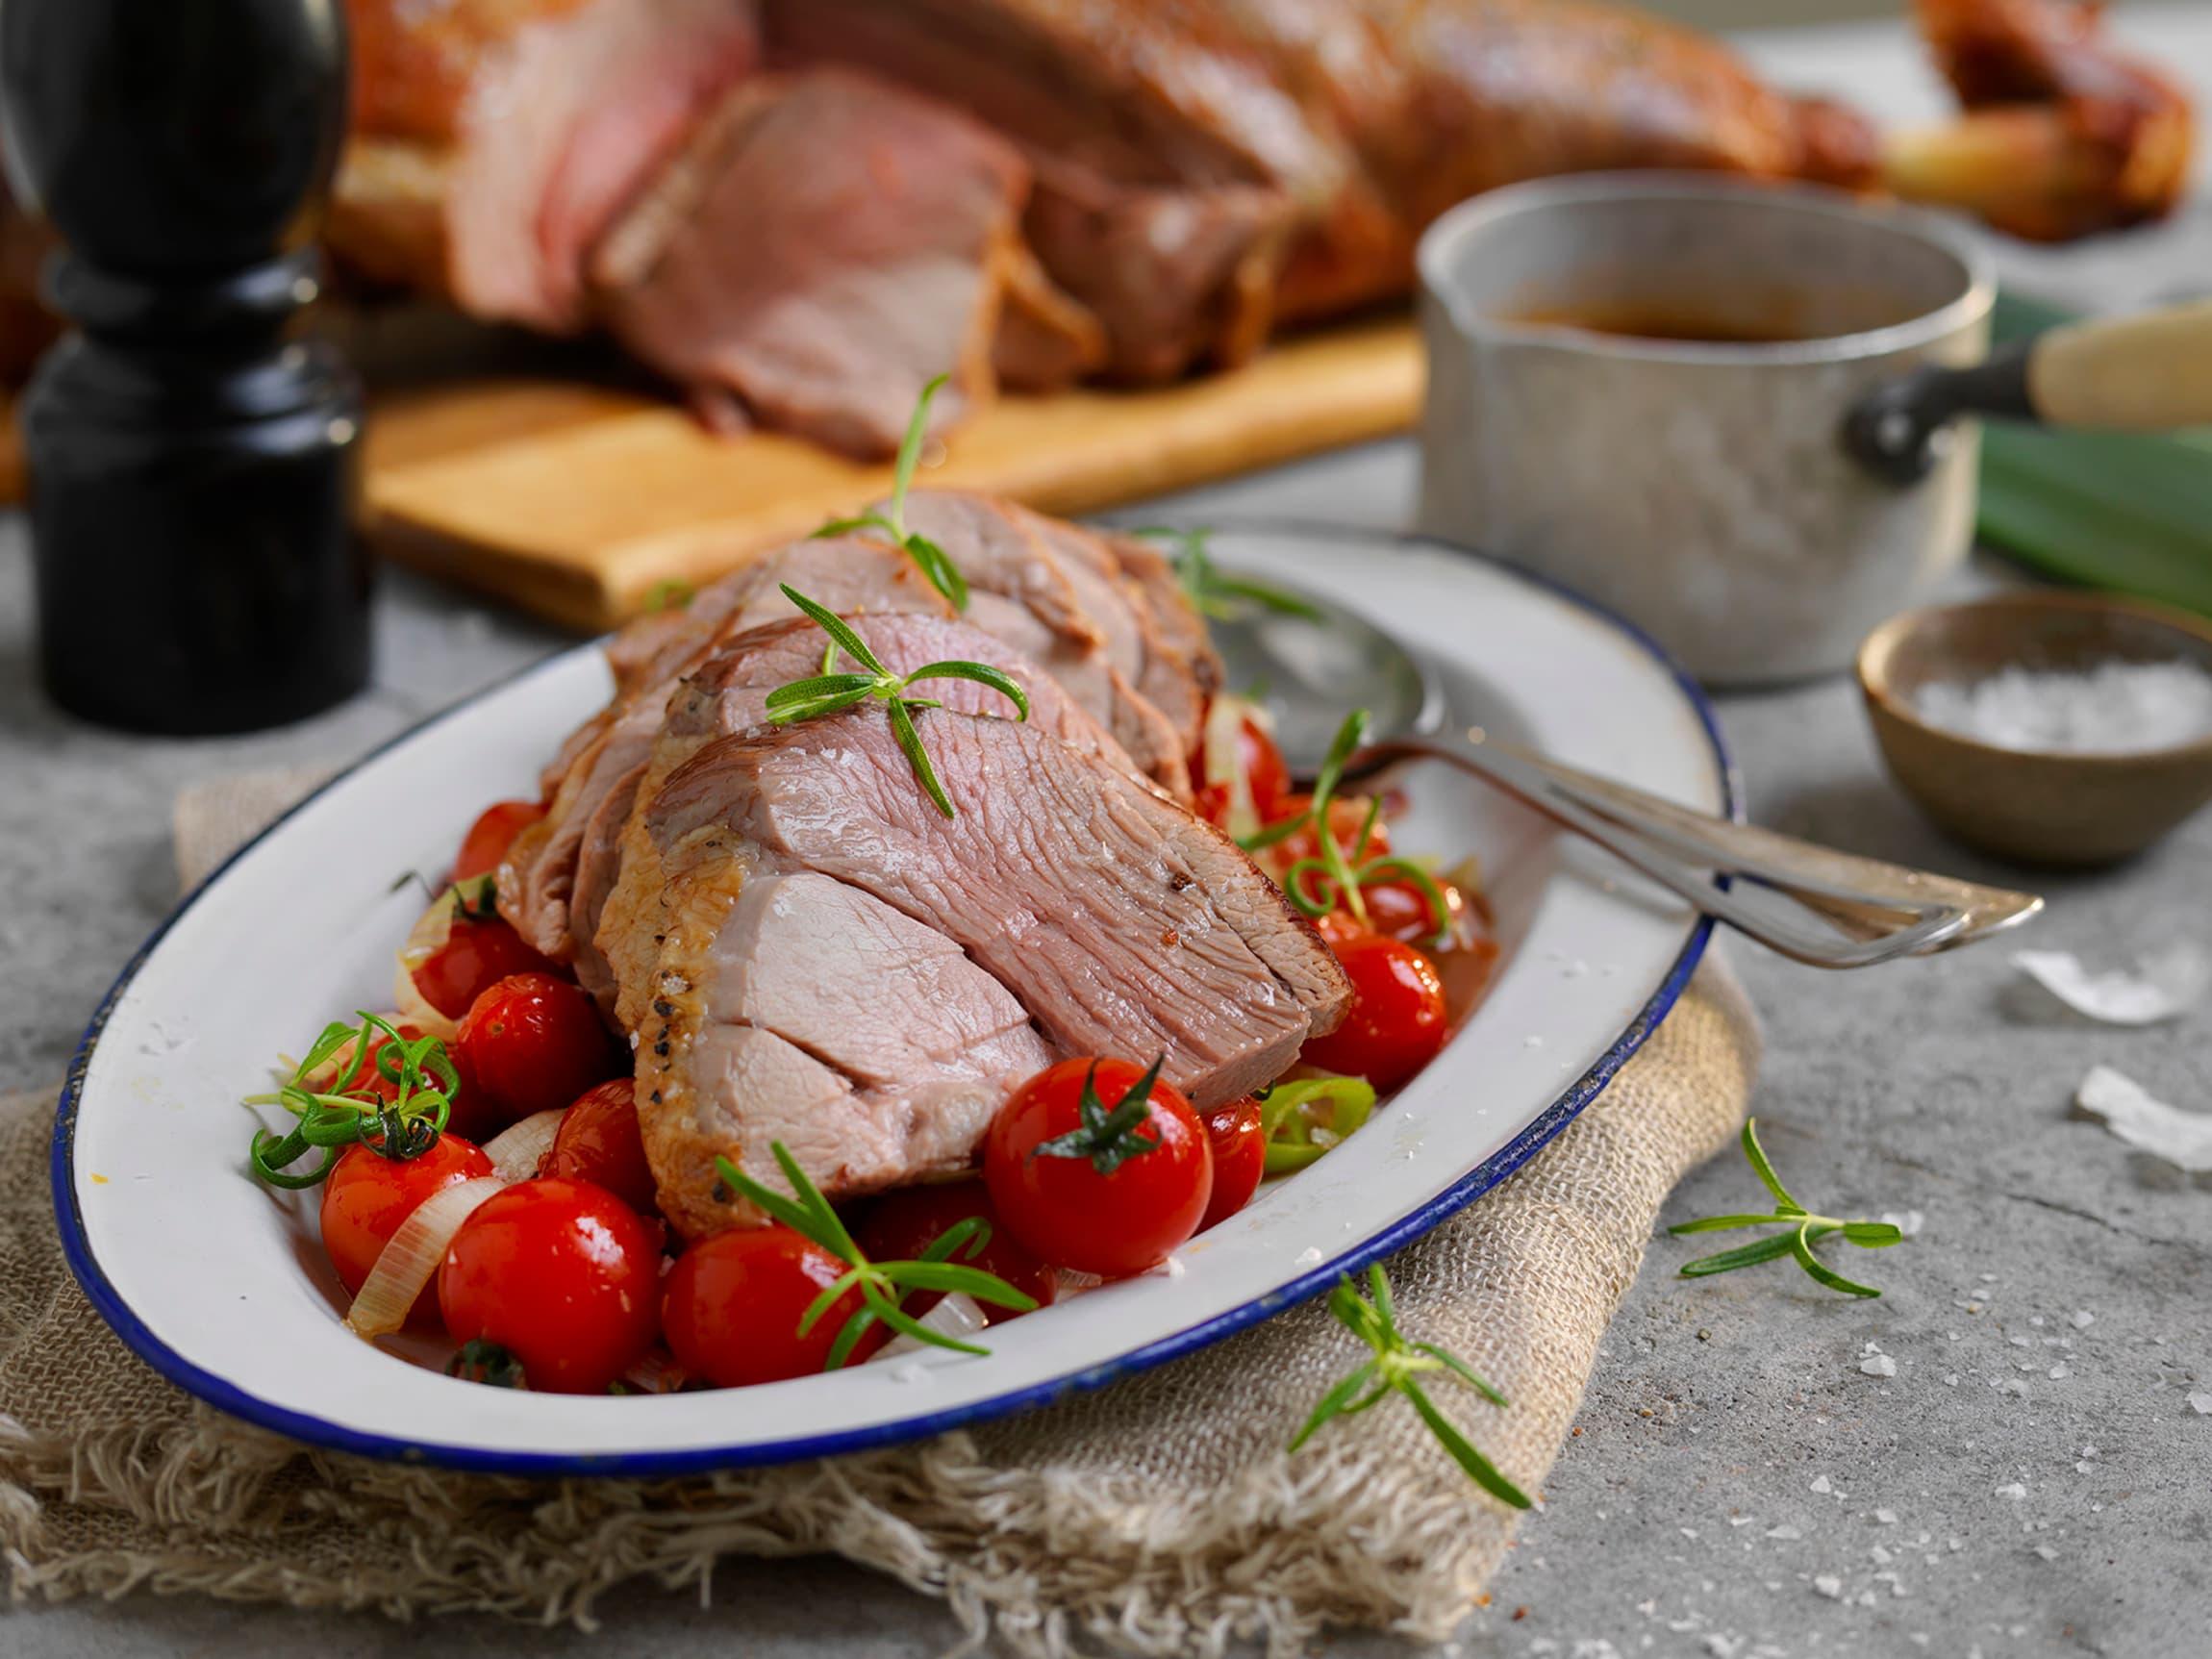 Grillet lammelår kan serveres med det meste av tilbehør. Du kan for eksempel servere tomater, gresk salat og tzatziki for en internasjonal vri.